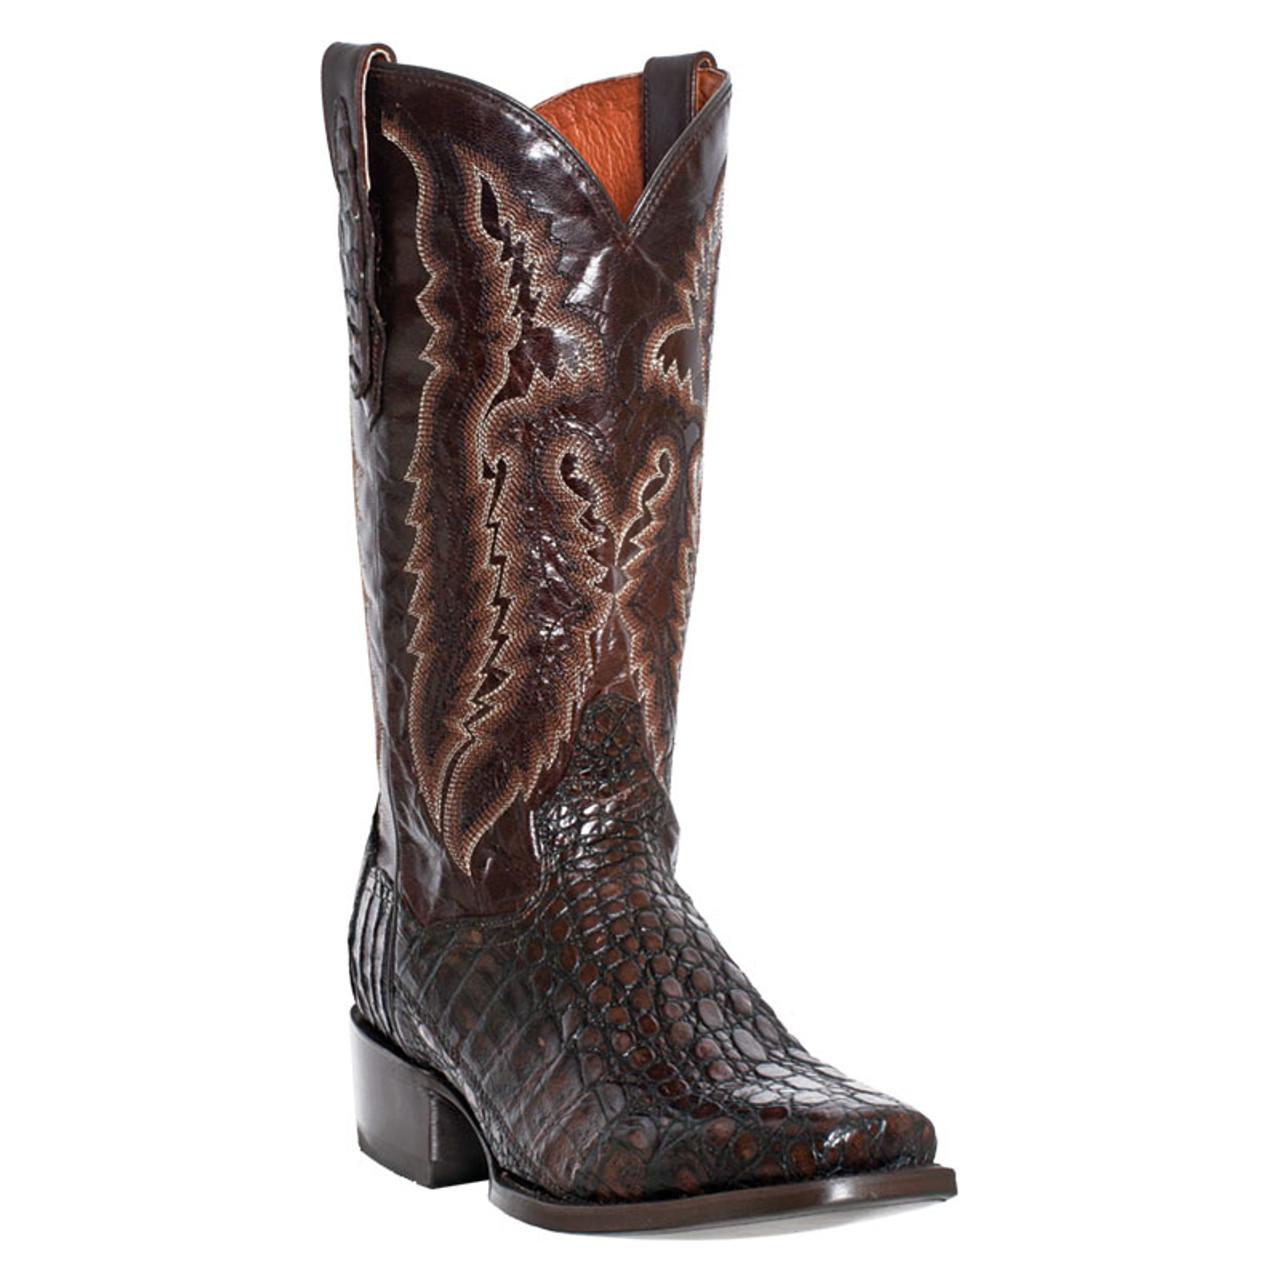 d6332bd8309 Men's Dan Post Chocolate Caiman Square Toe Western Boot